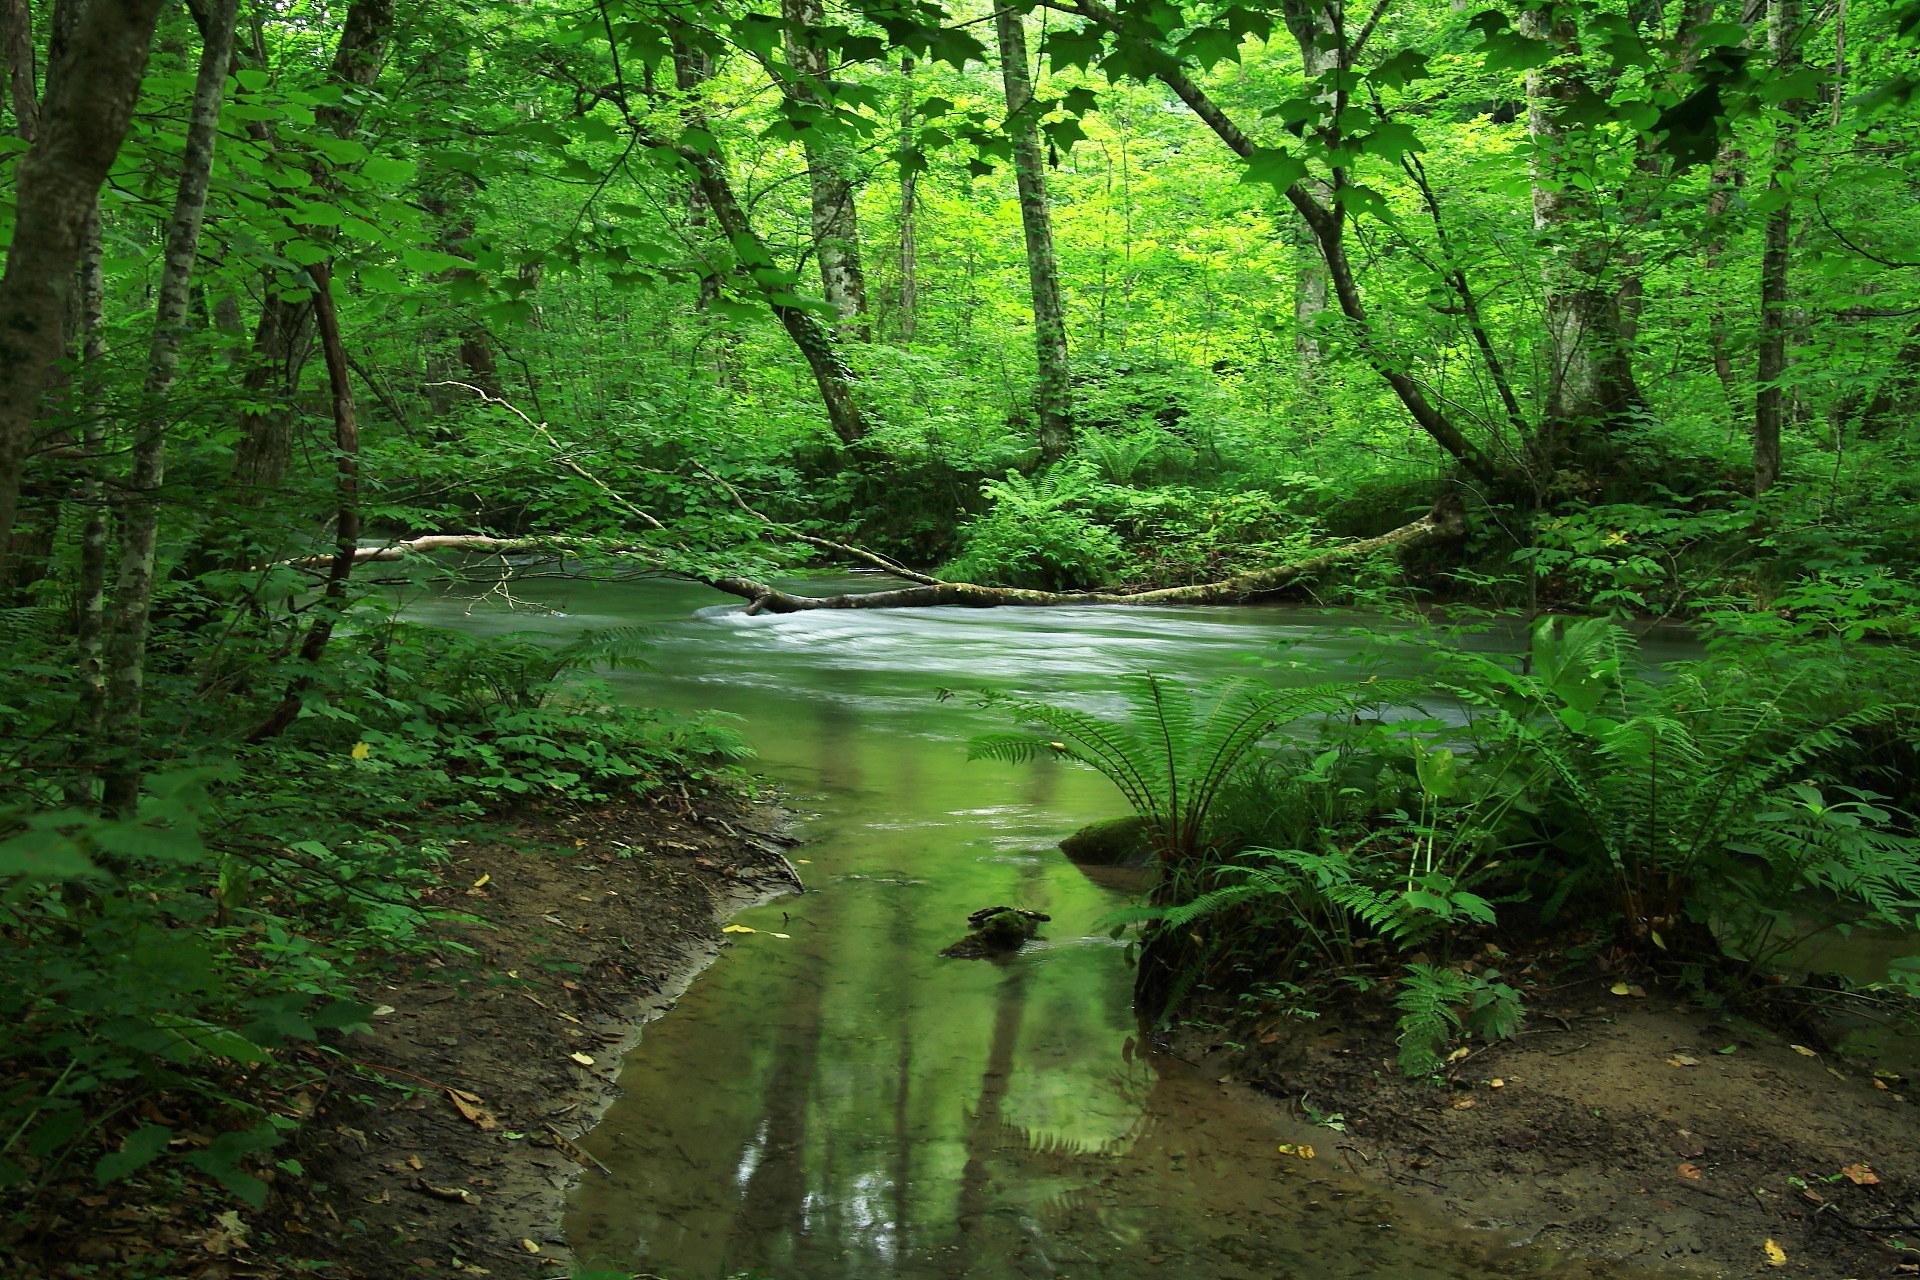 芽温の森へようこそ - 芽温の森 HOME 芽温の森について ご予約について 料金システム アク